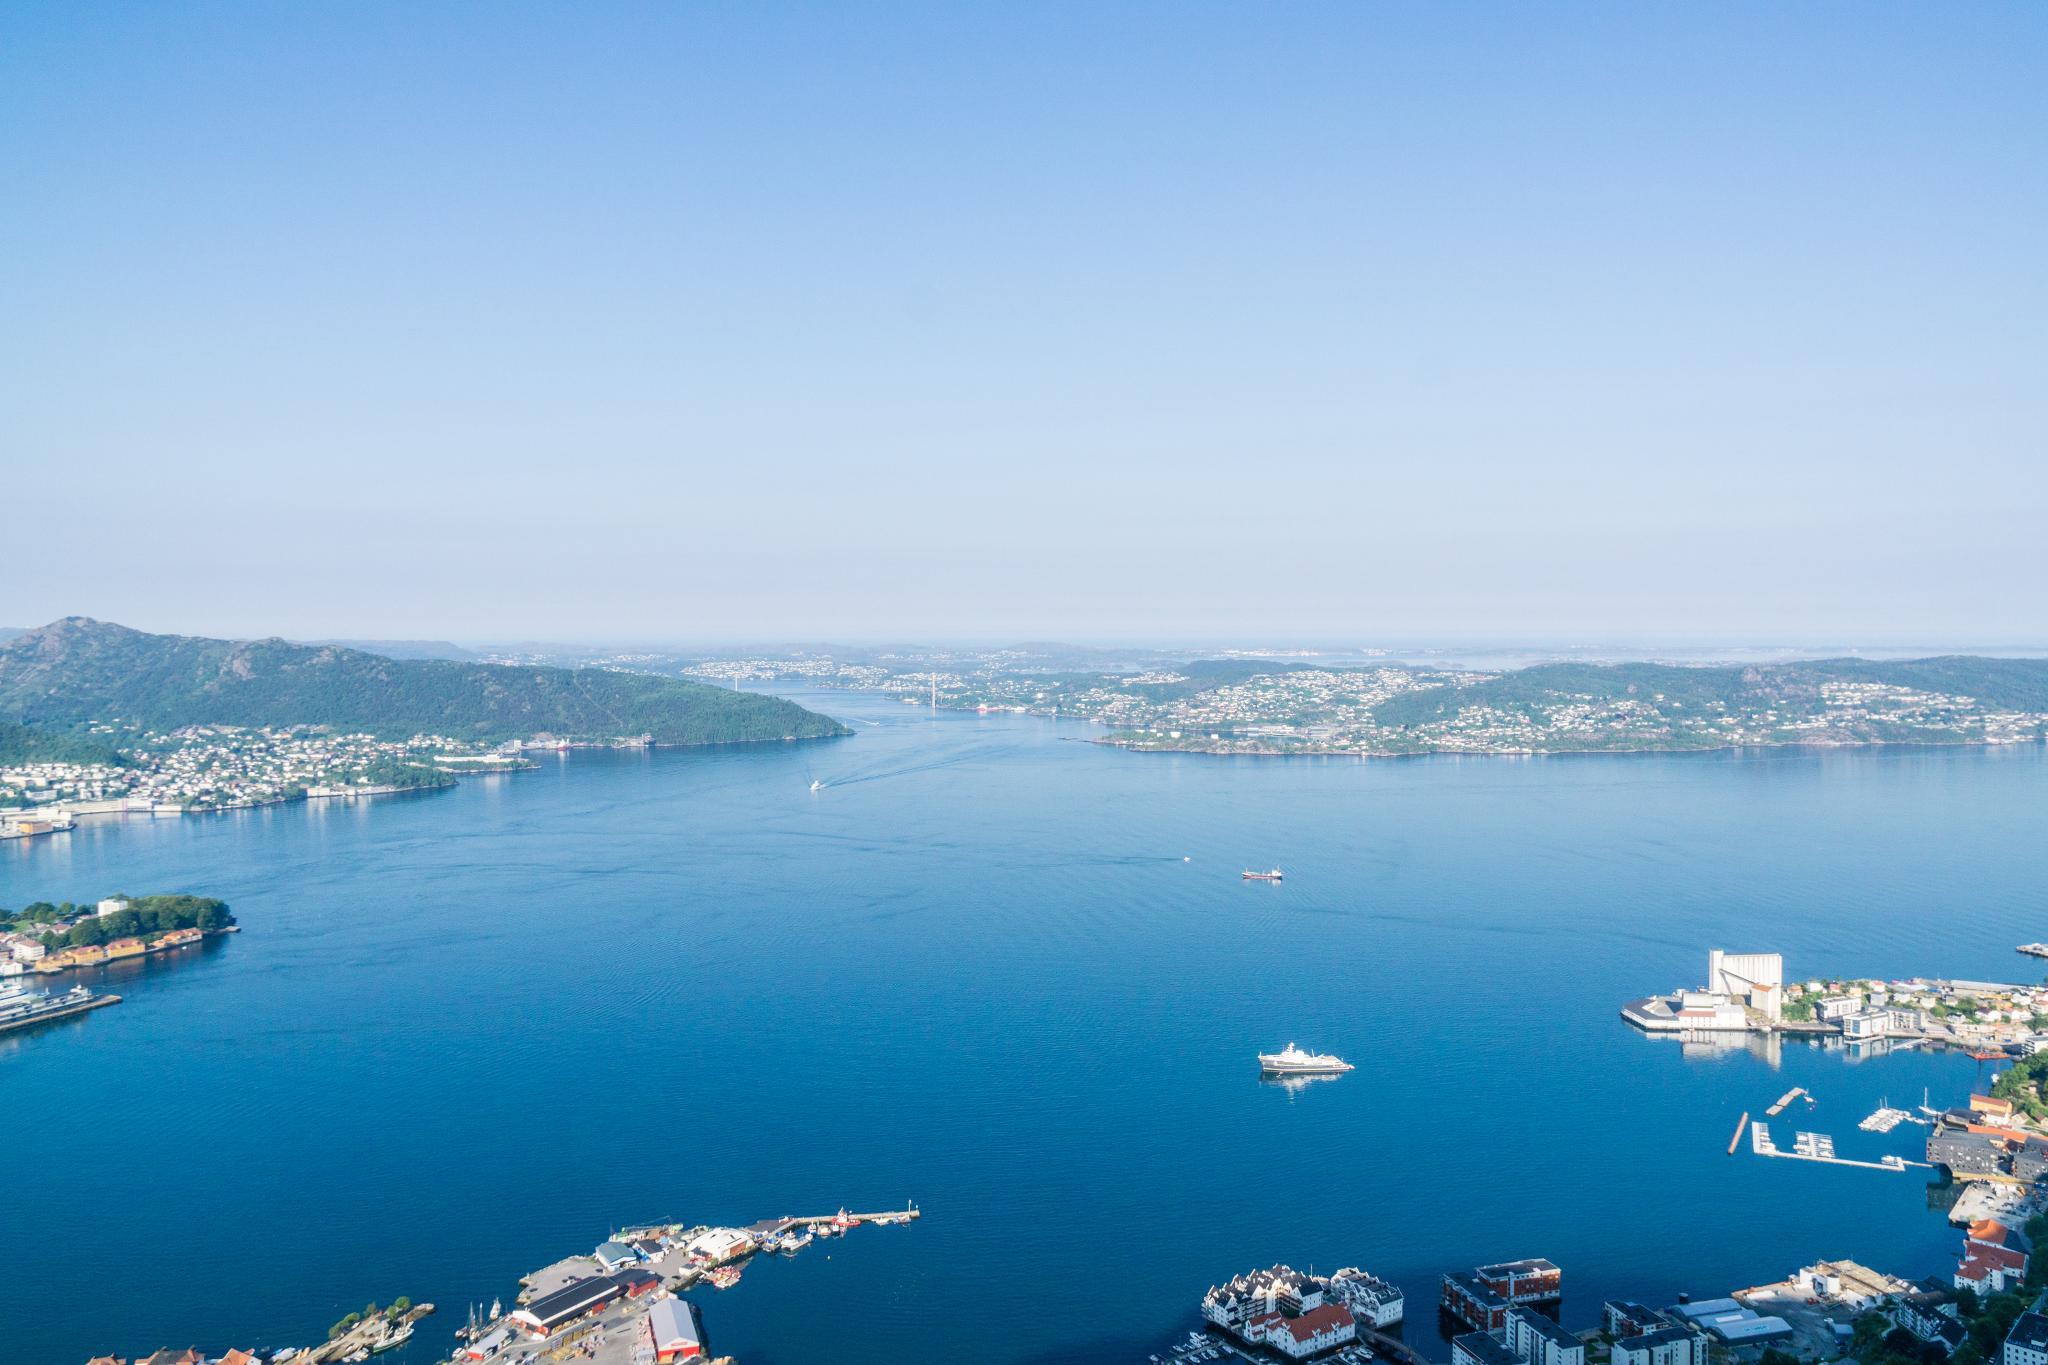 【卑爾根】超級震撼的隱藏版挪威景點 — Stoltzekleiven桑德維克斯石梯與Fløyen佛洛伊恩觀景台大縱走 15